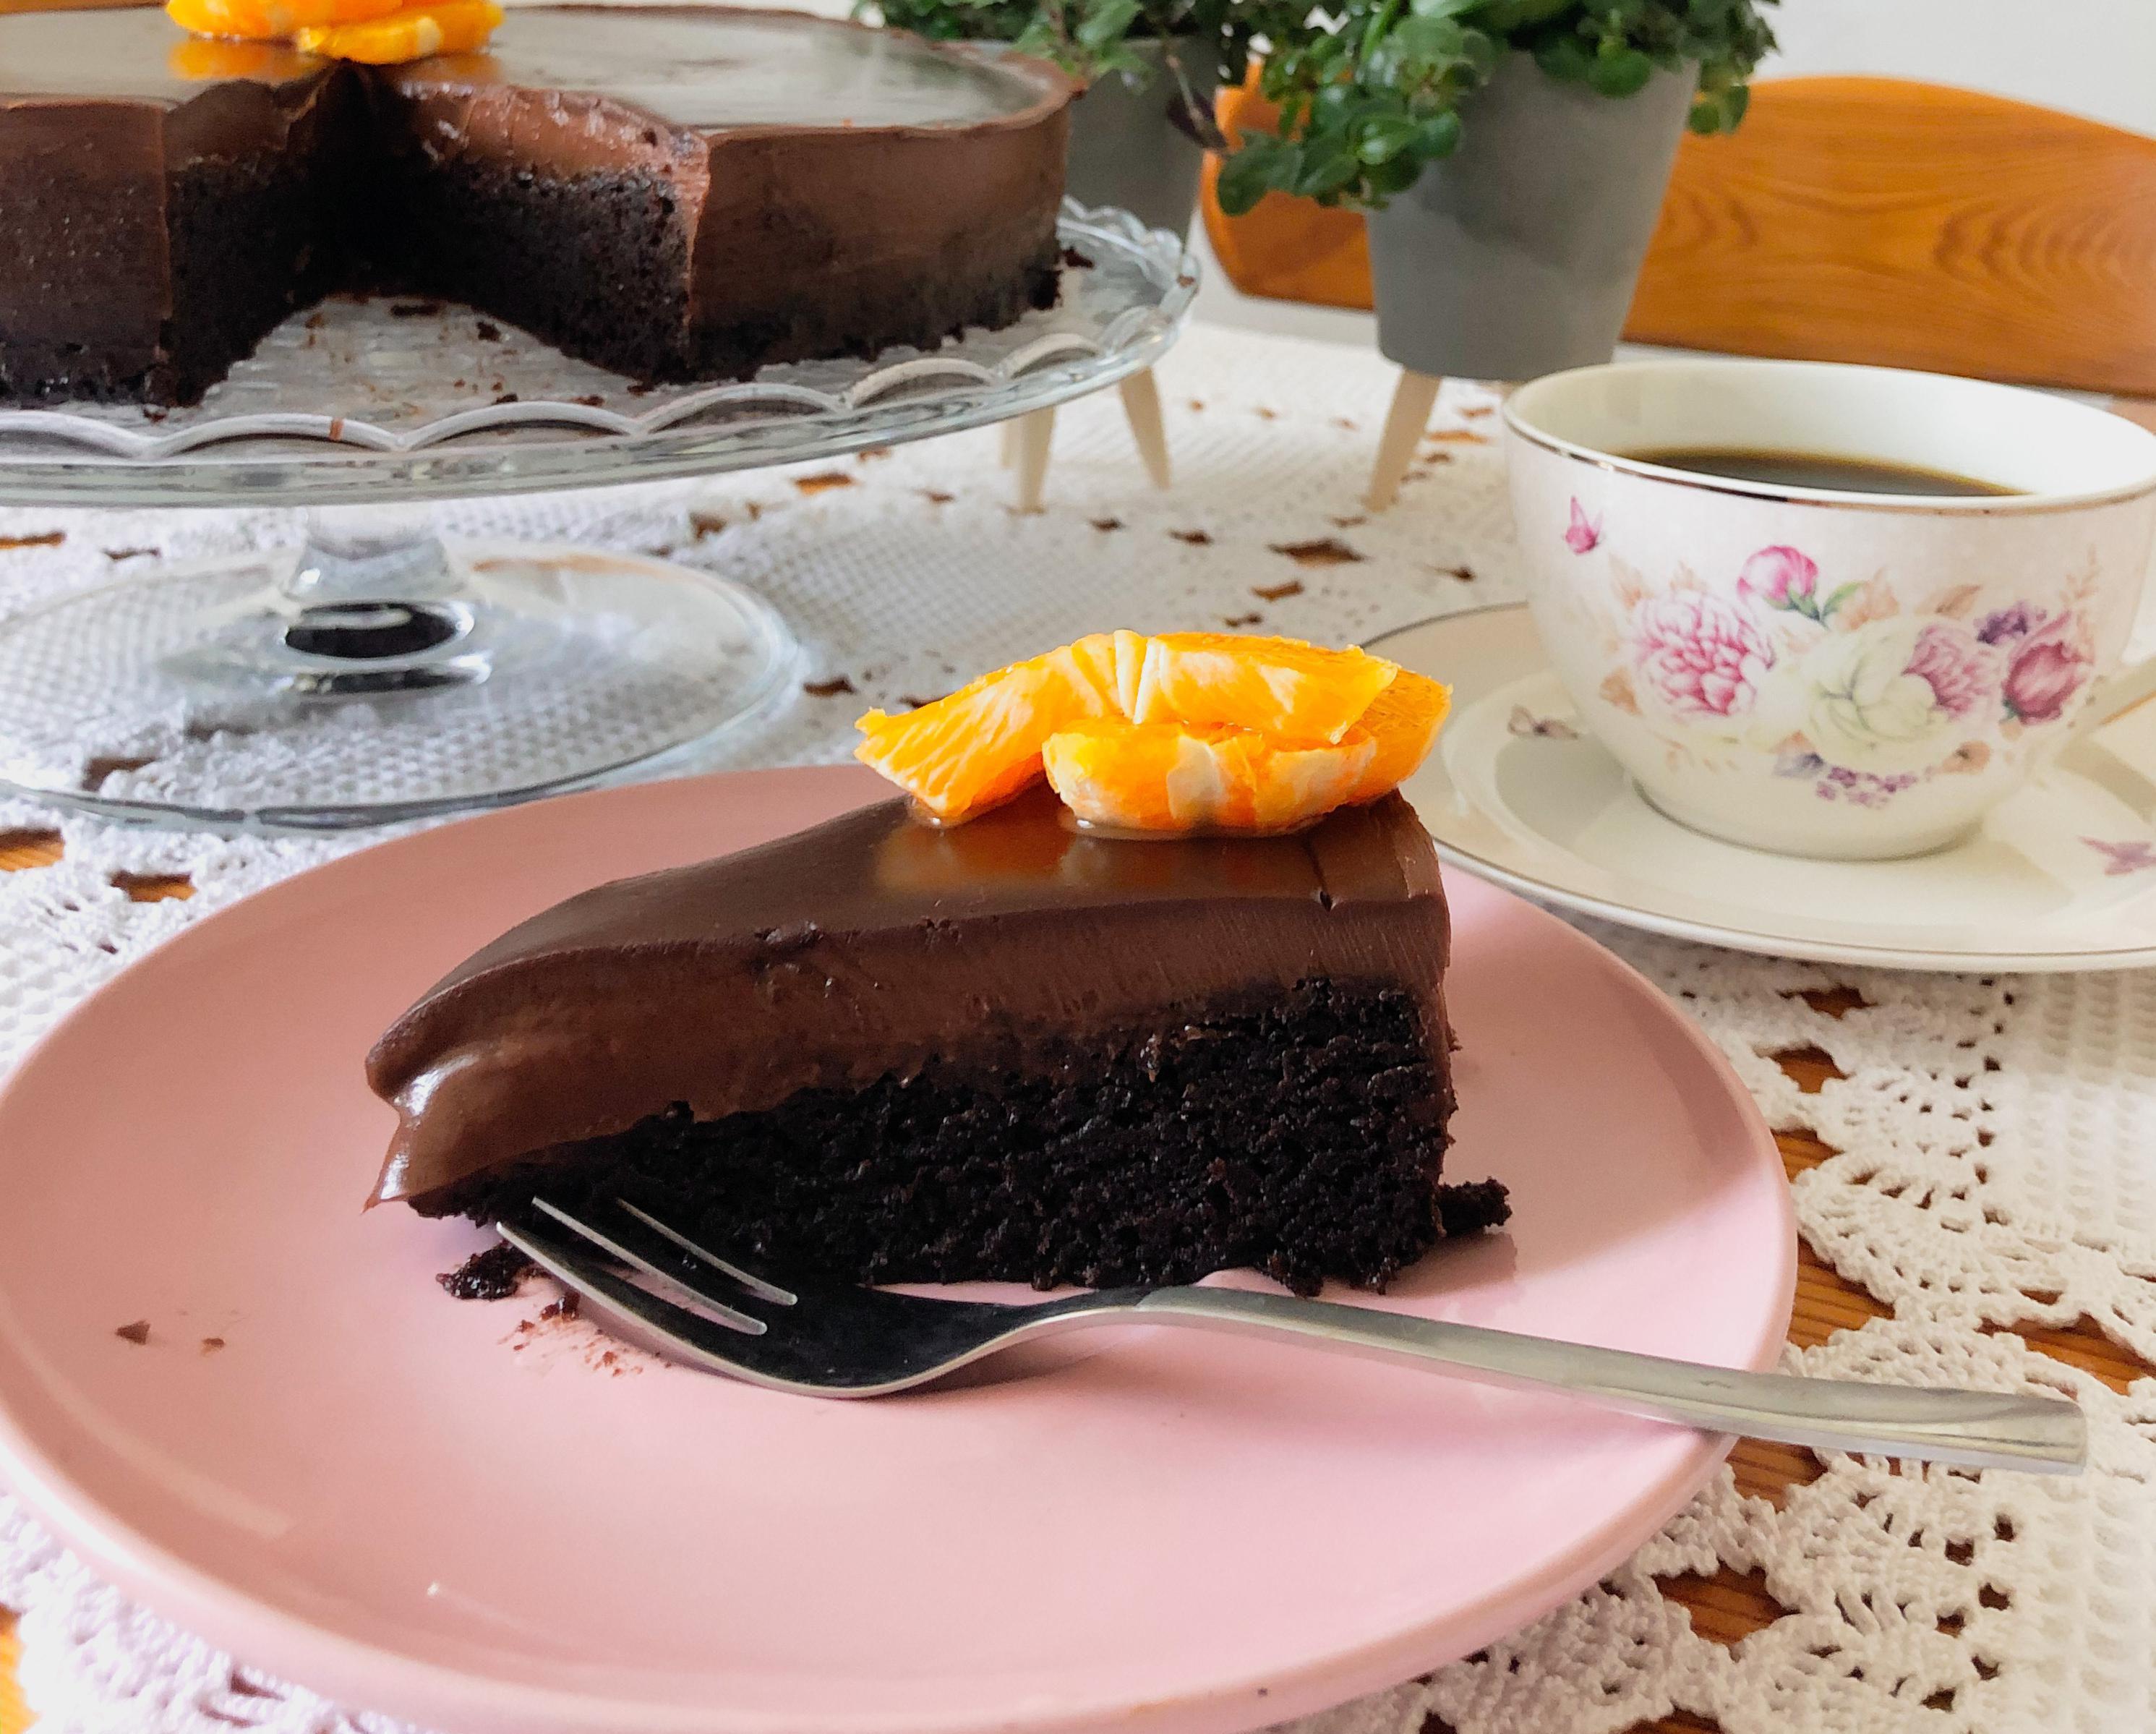 Isprobajte recept za brzu čokoladnu tortu od sastojaka koje zasigurno imate u kuhinji